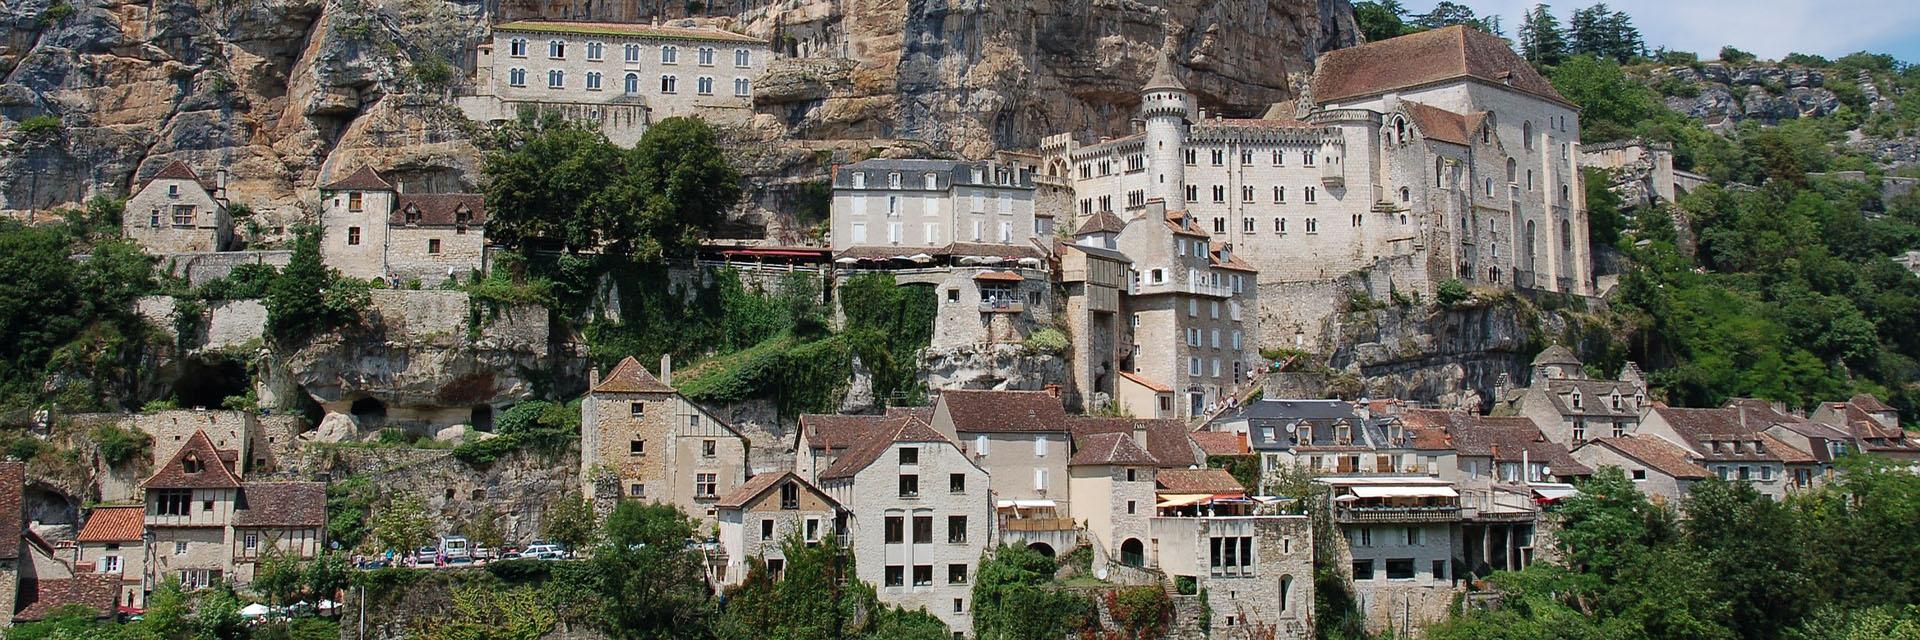 village-vacance-cap-france-pyrenee-domaine-du-surgié-ville-saint-cirq-lapopie